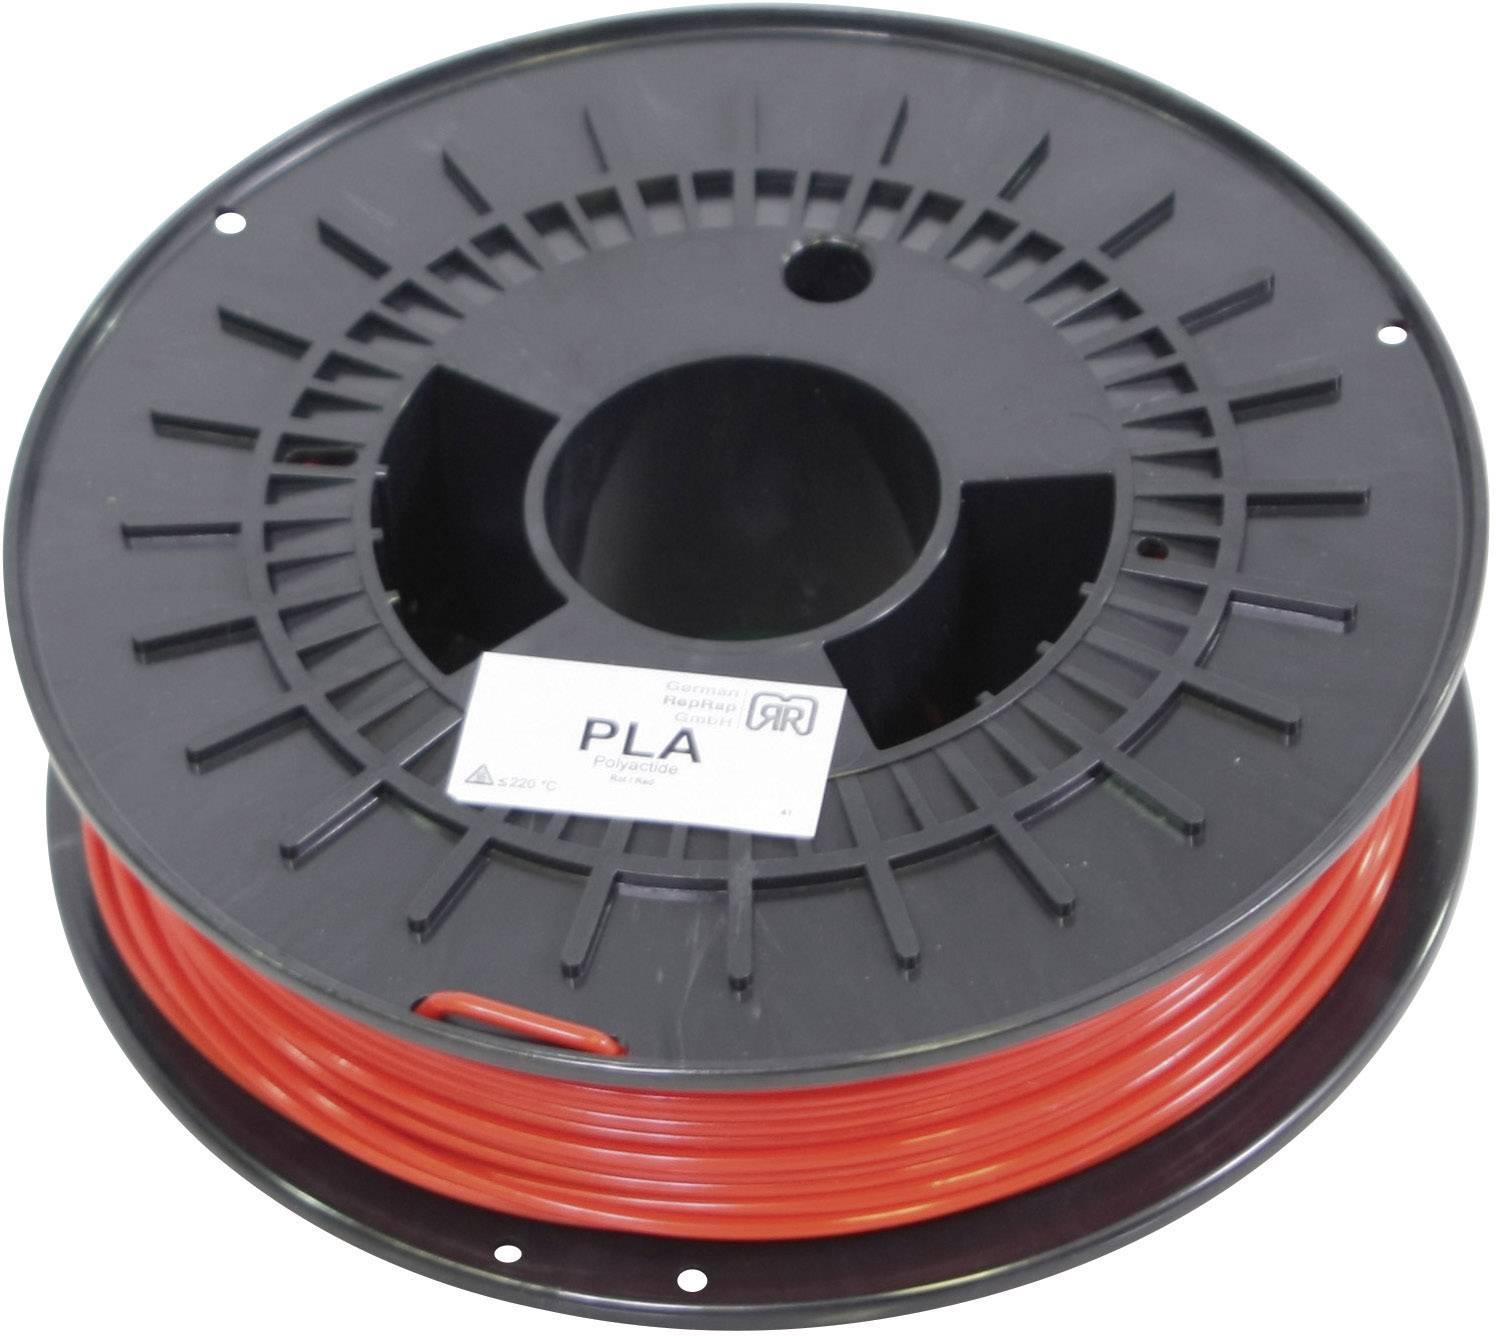 Vlákno pre 3Dtlačiarne, German RepRap 100018, PLA plast , 3 mm, 750 g, červená